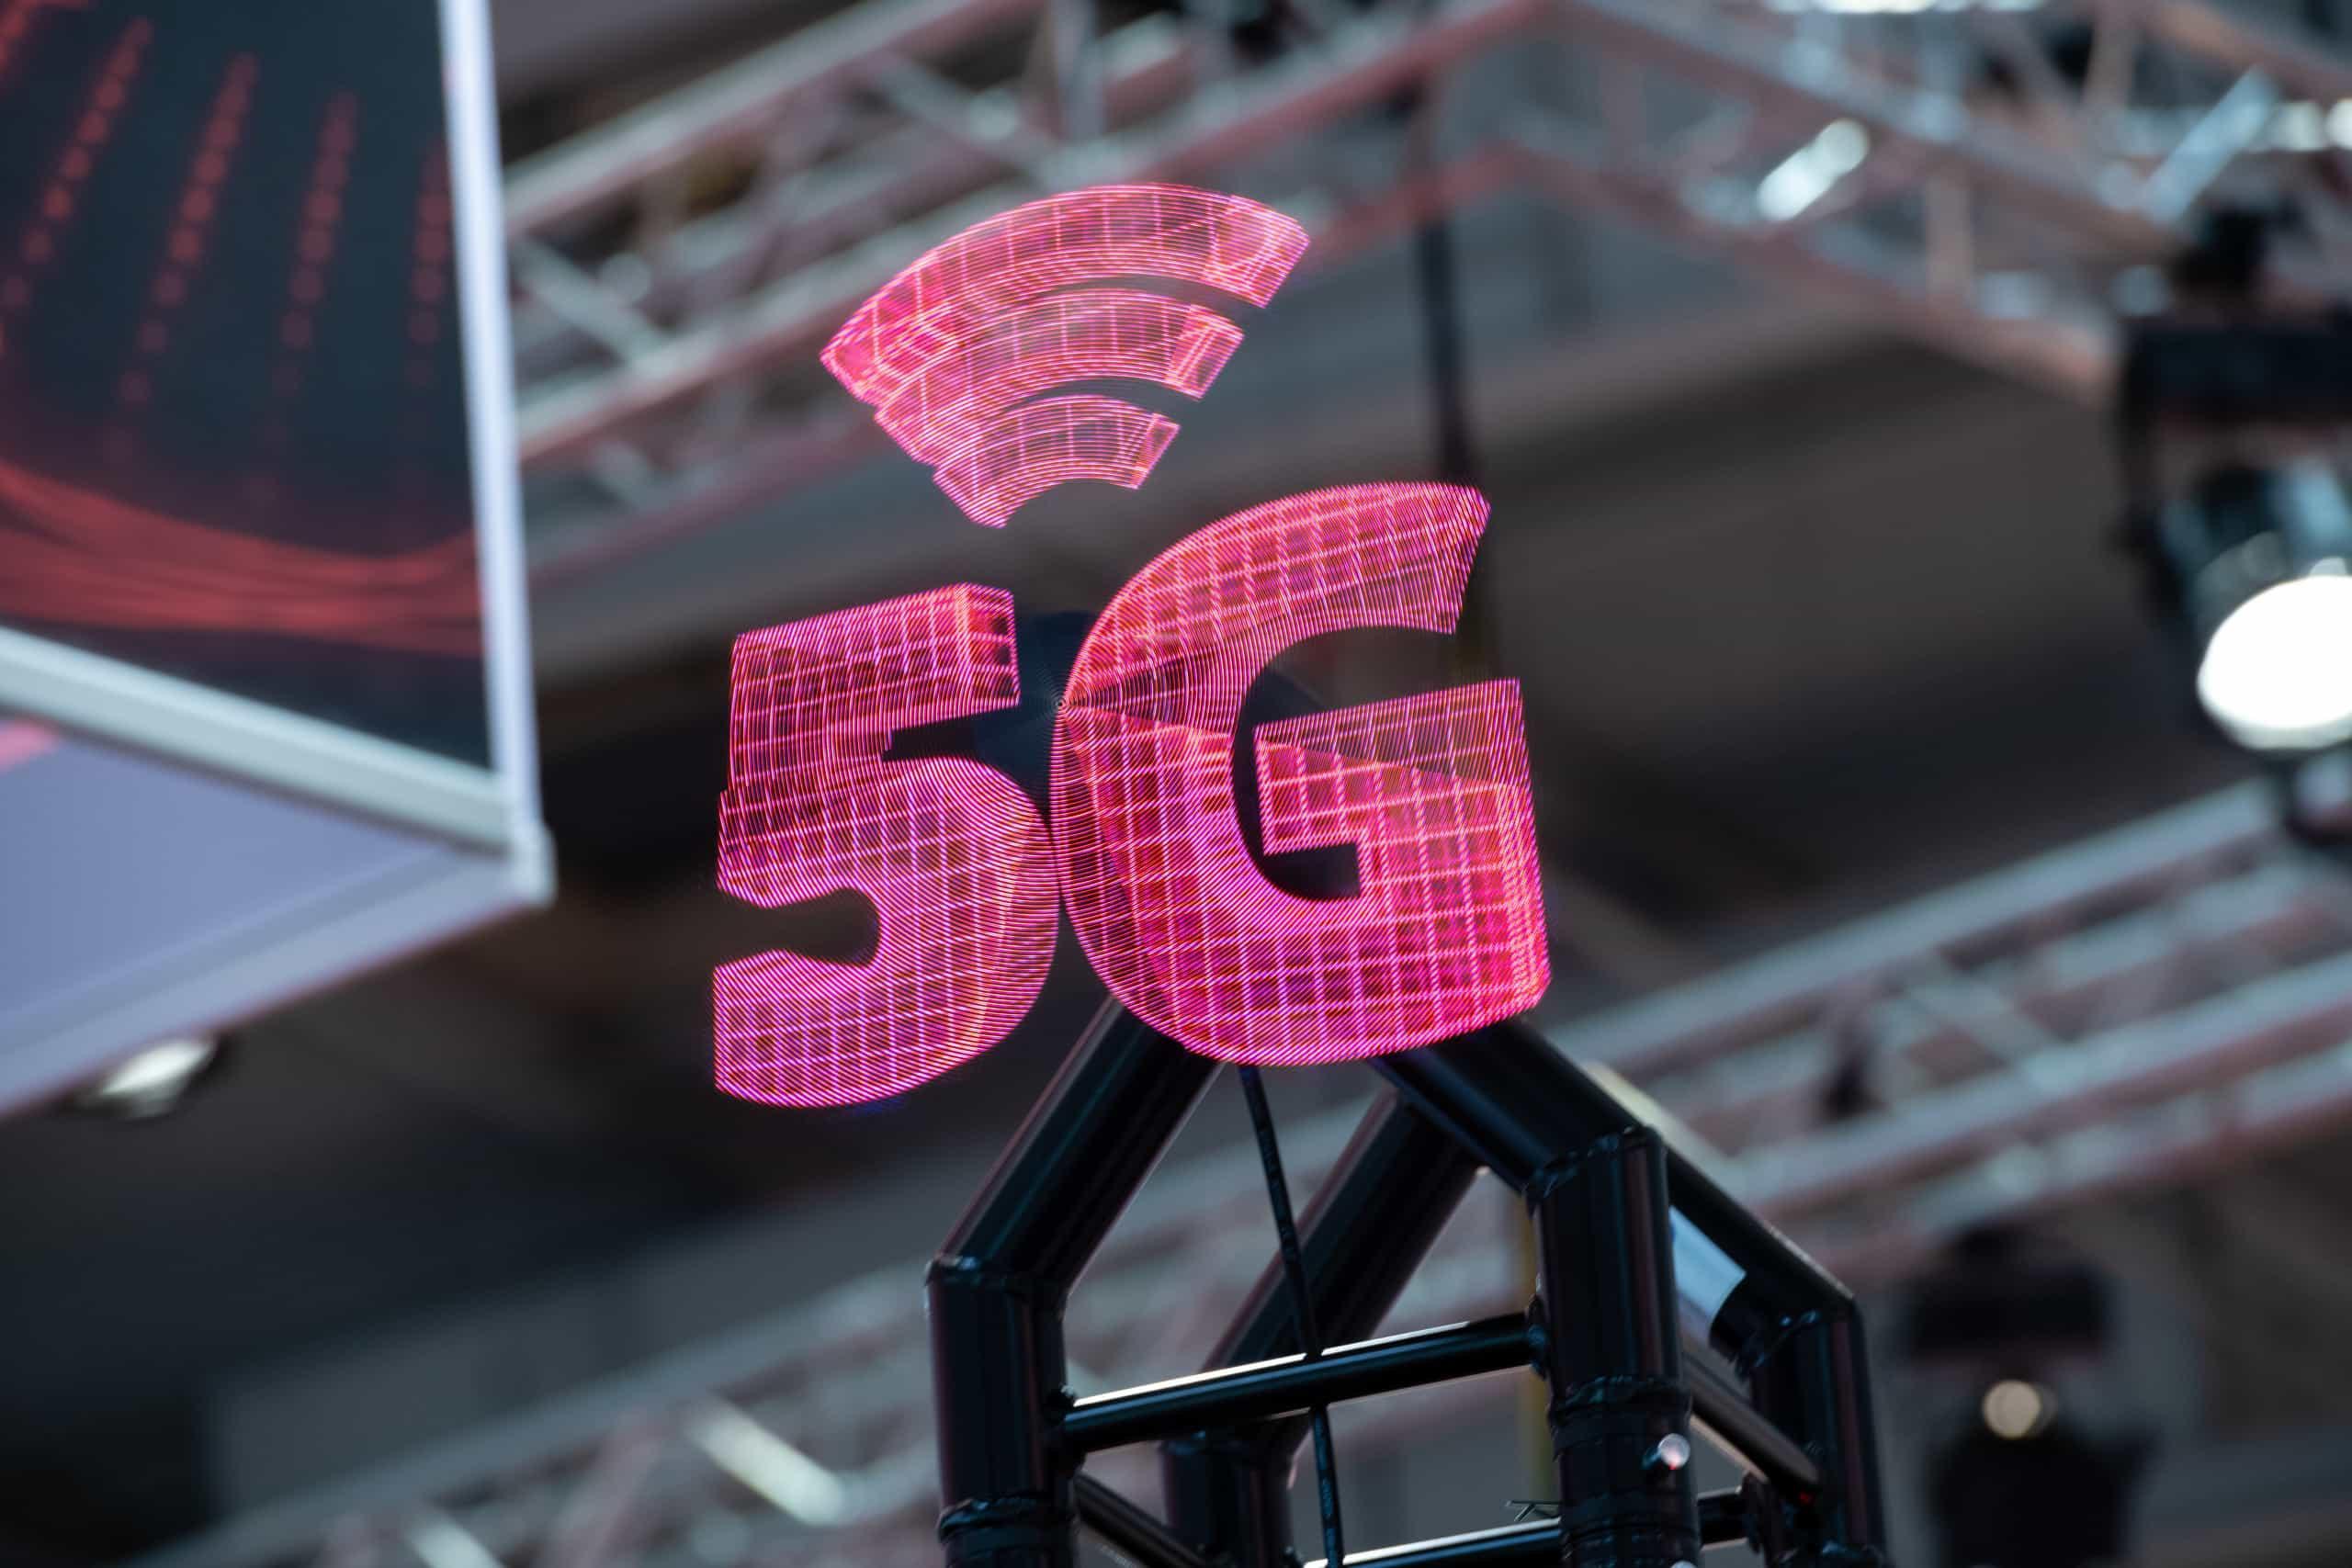 Empresas europeias rejeitam pressões dos EUA e defendem Huawei na UE